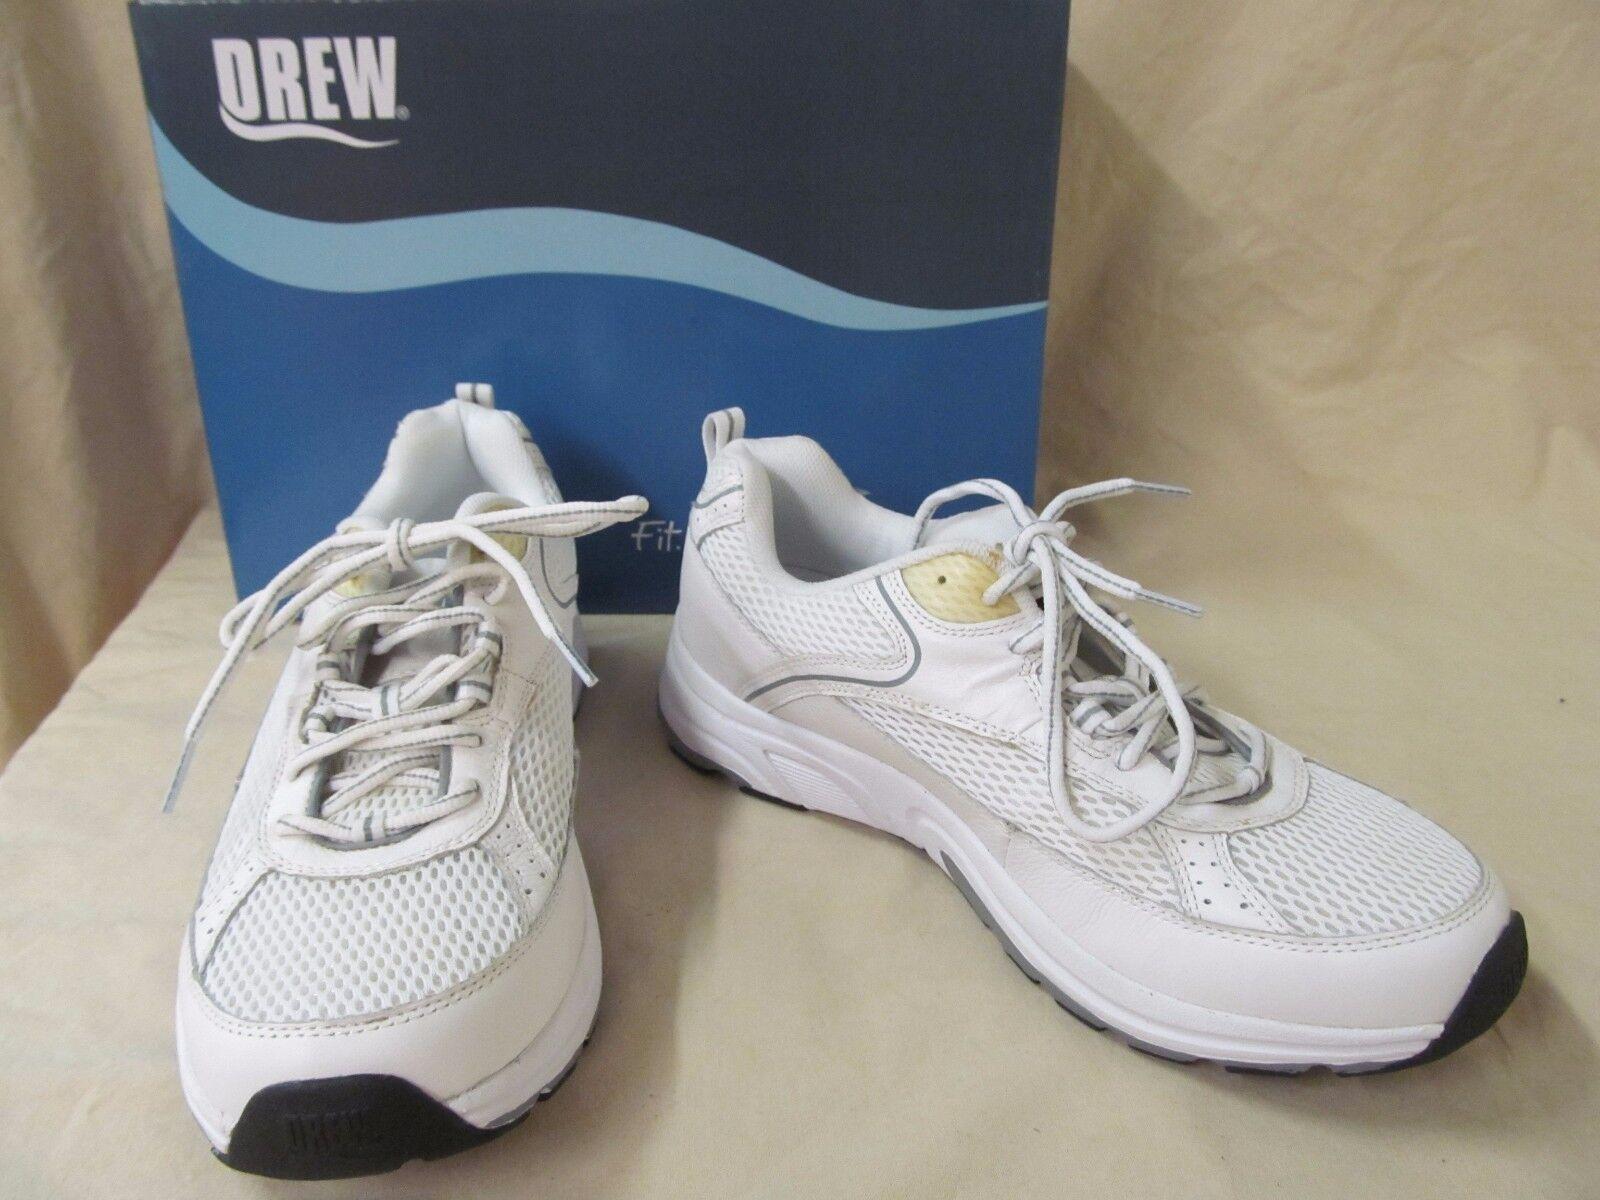 Nuevo con defectos Drew 10 Aaron Cuero blancoo Malla M ortótica Zapatos Tenis Deportivas con Cordones